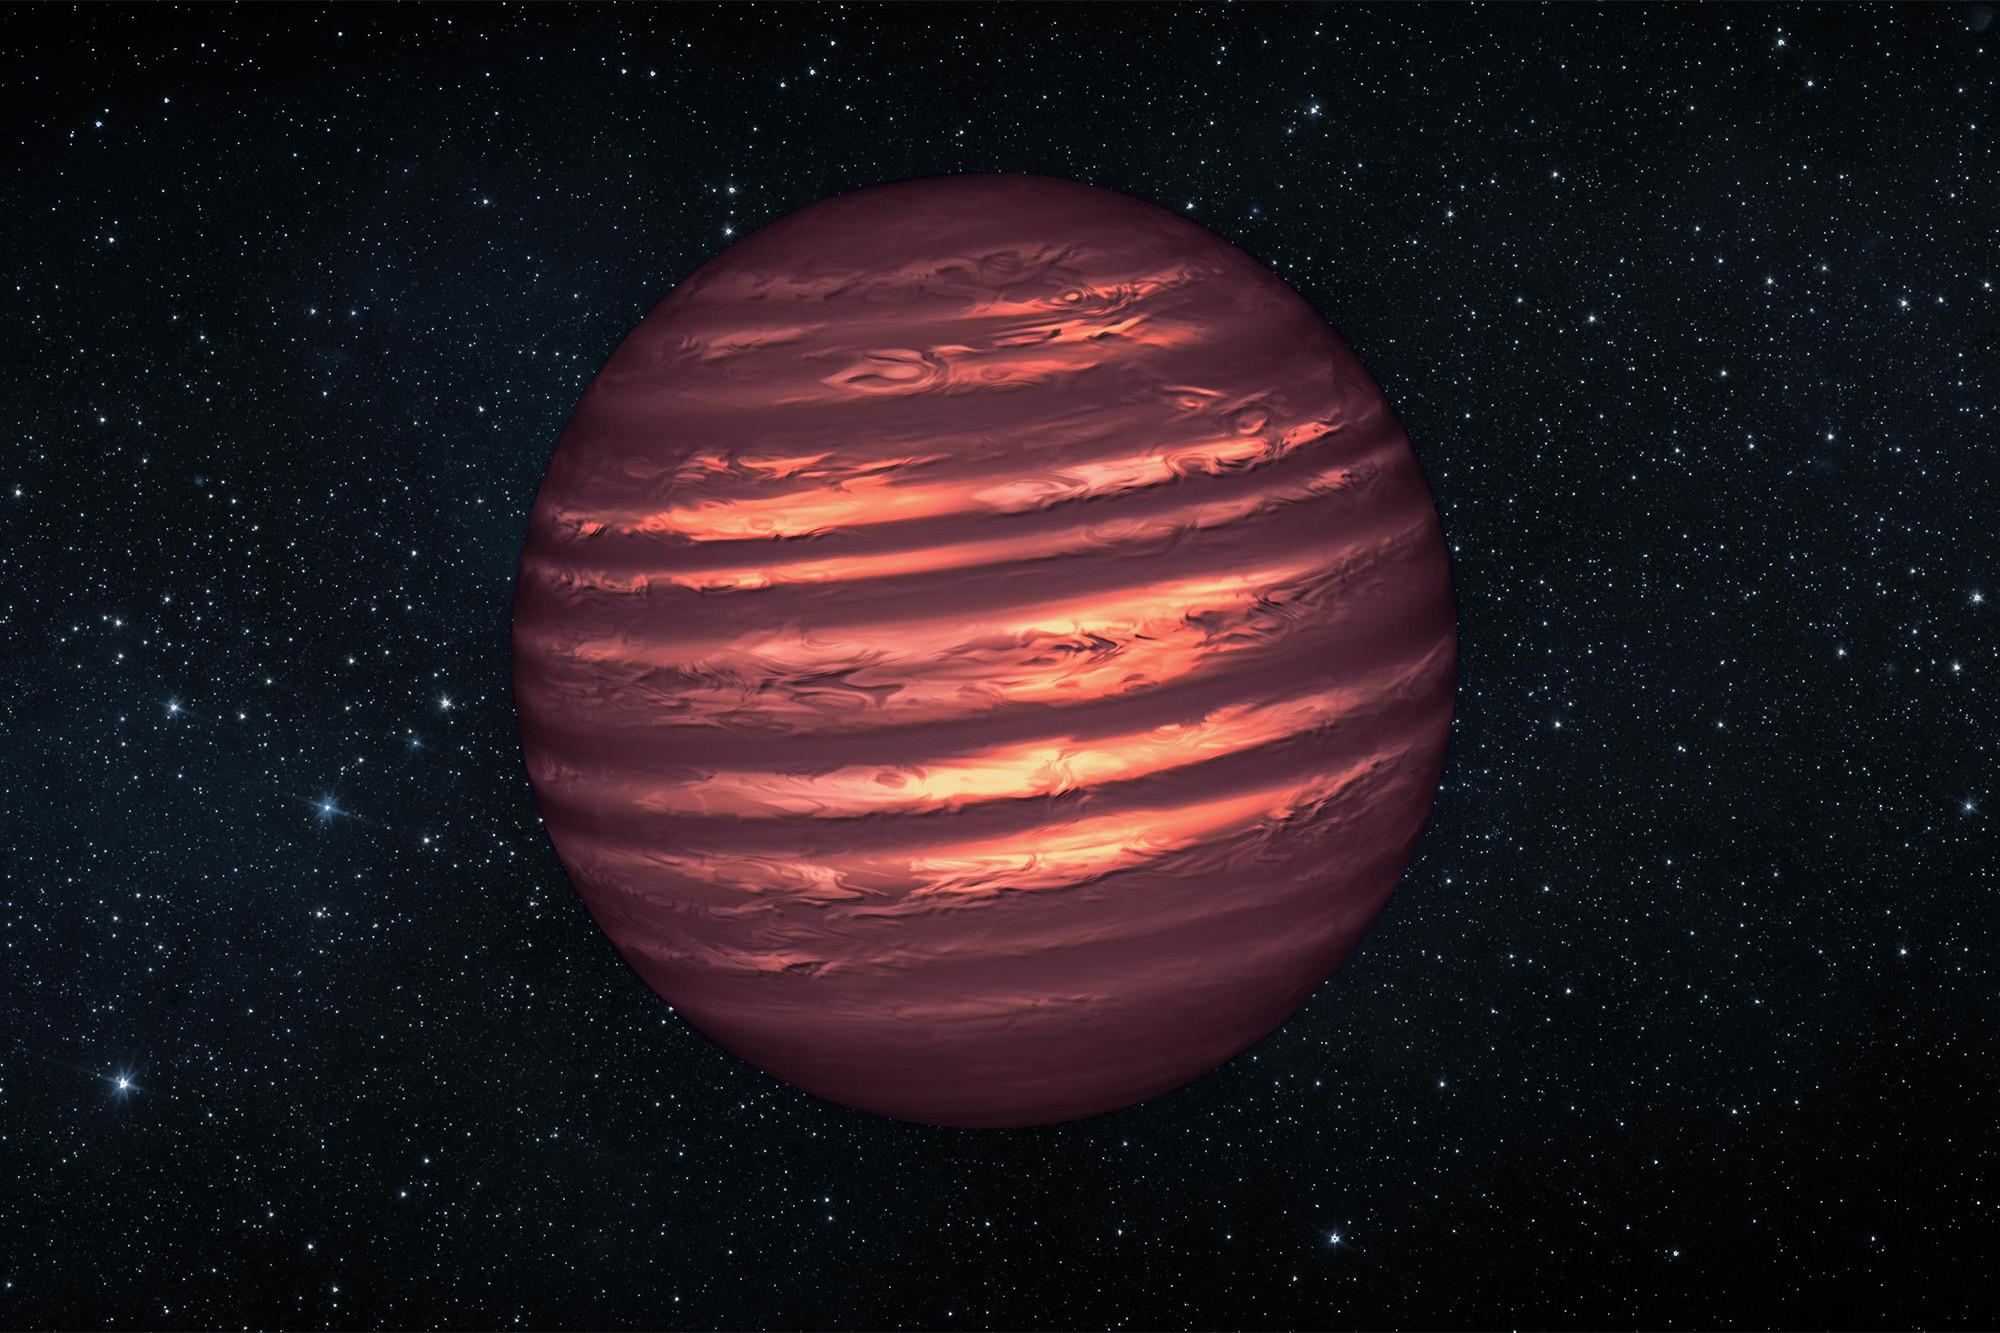 171108-brown-dwarf-planet-found-feature